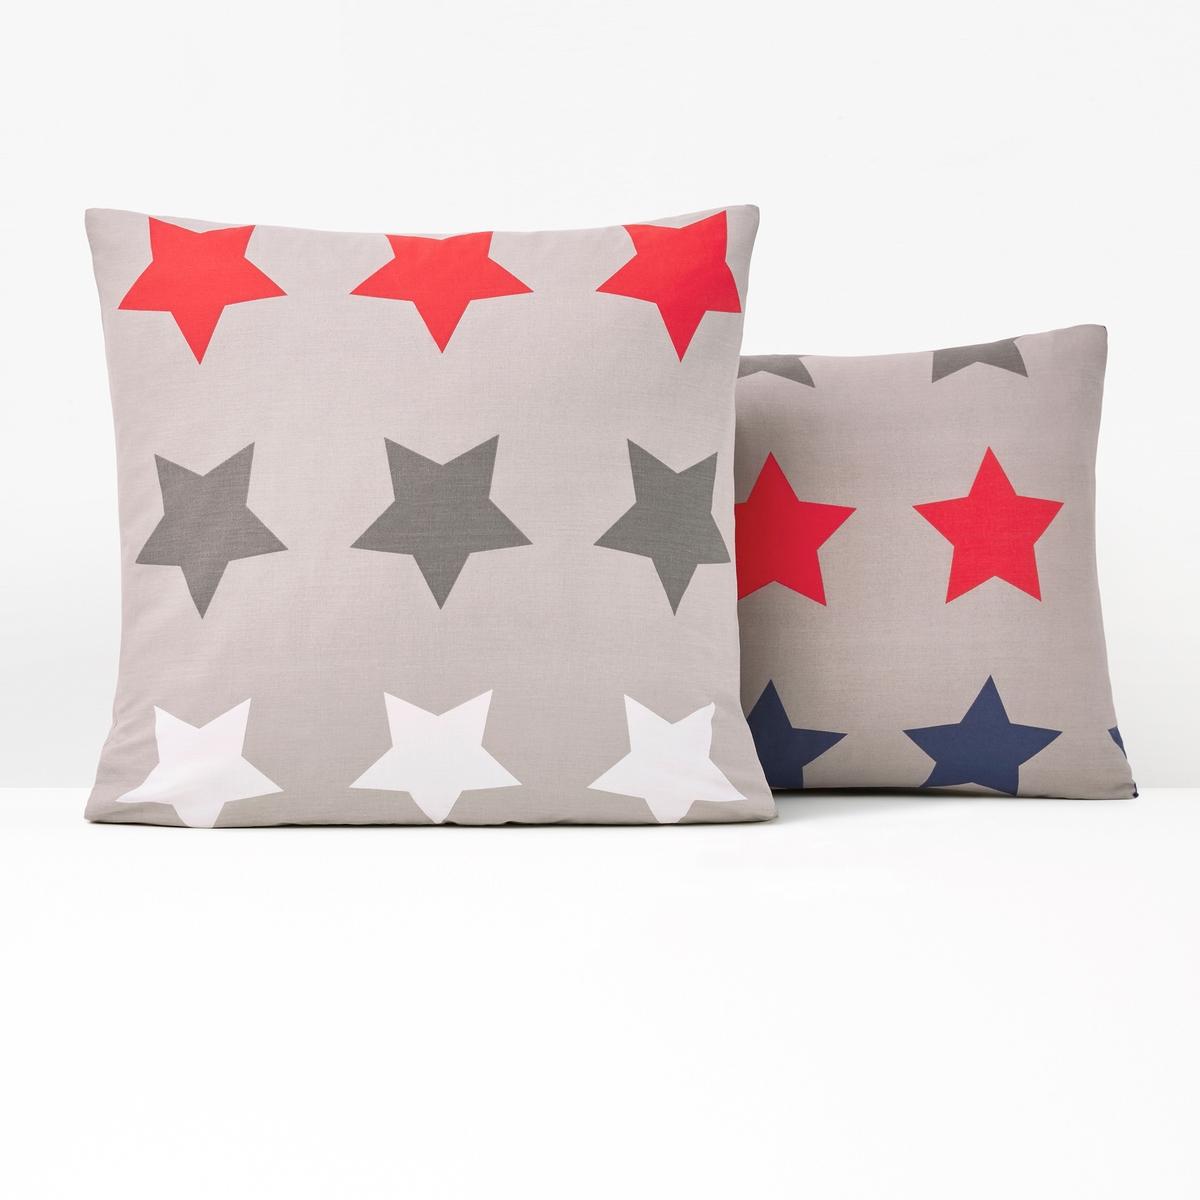 Наволочка La Redoute STARS 63 x 63 см серый наволочка la redoute из хлопка kalinda 50 x 70 см другие